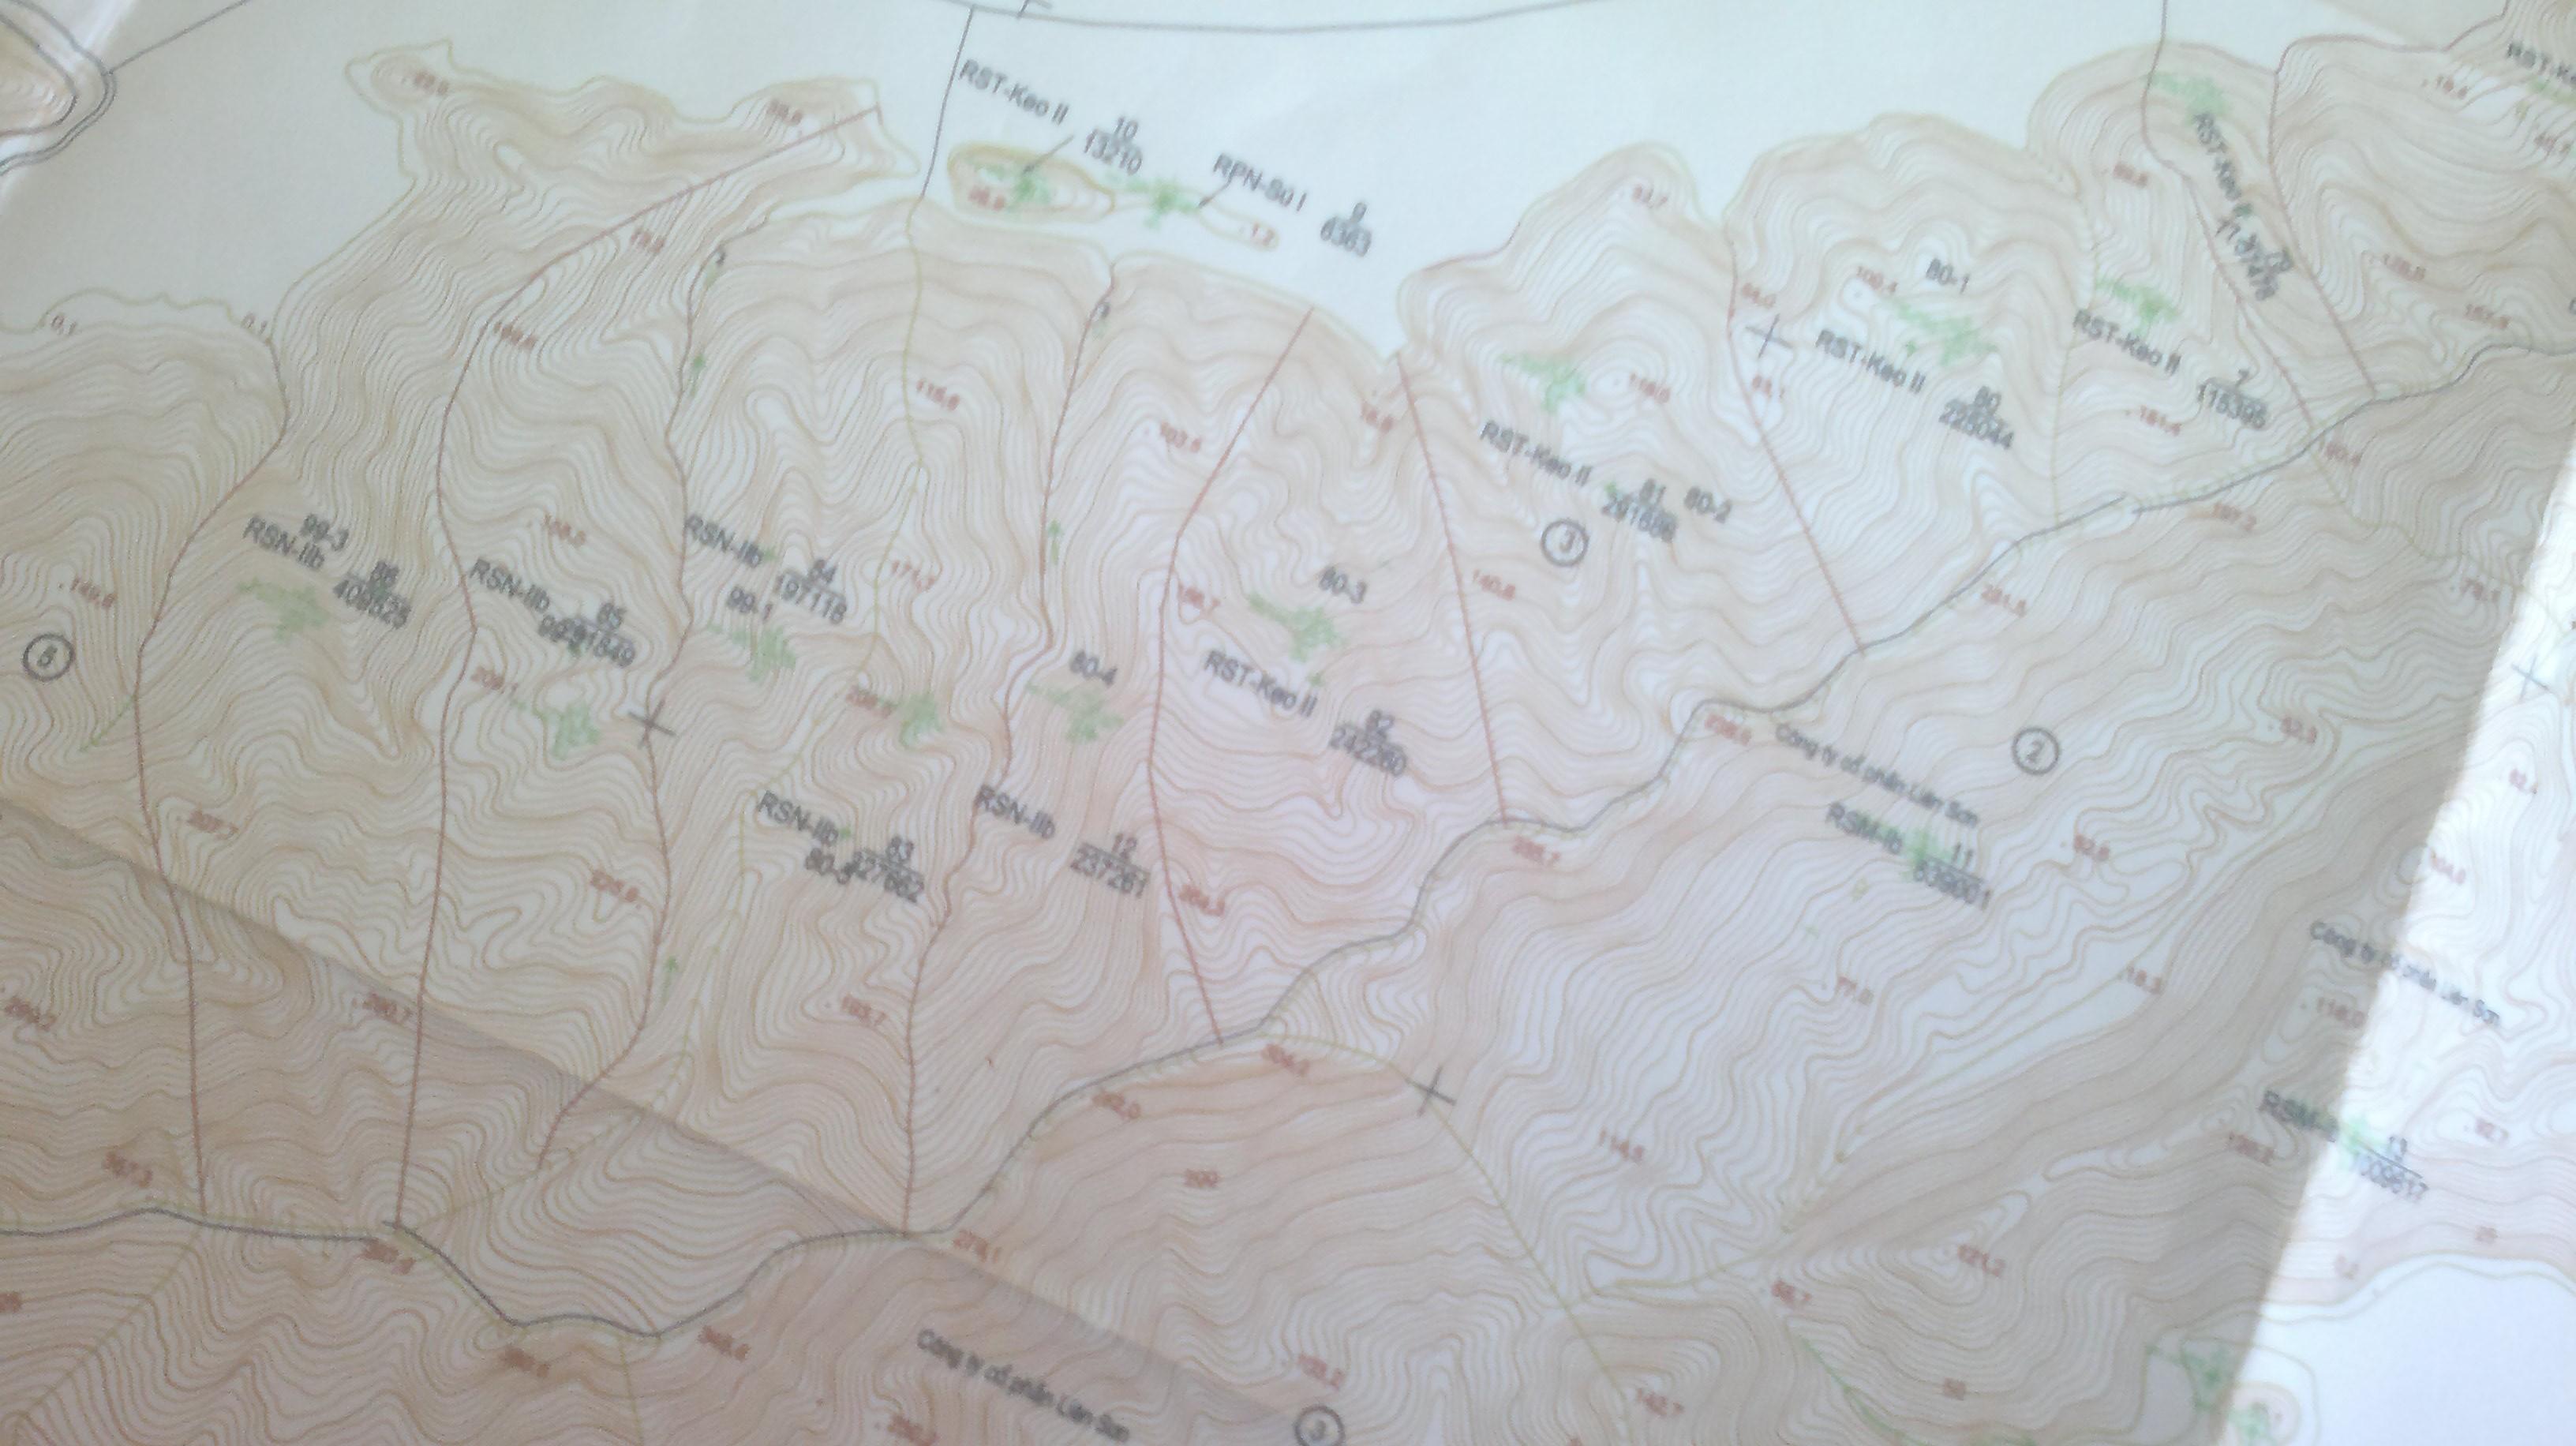 2 Bán hơn 29 ha ha Đất Vân Đồn Quảng Ninh. 4 ty